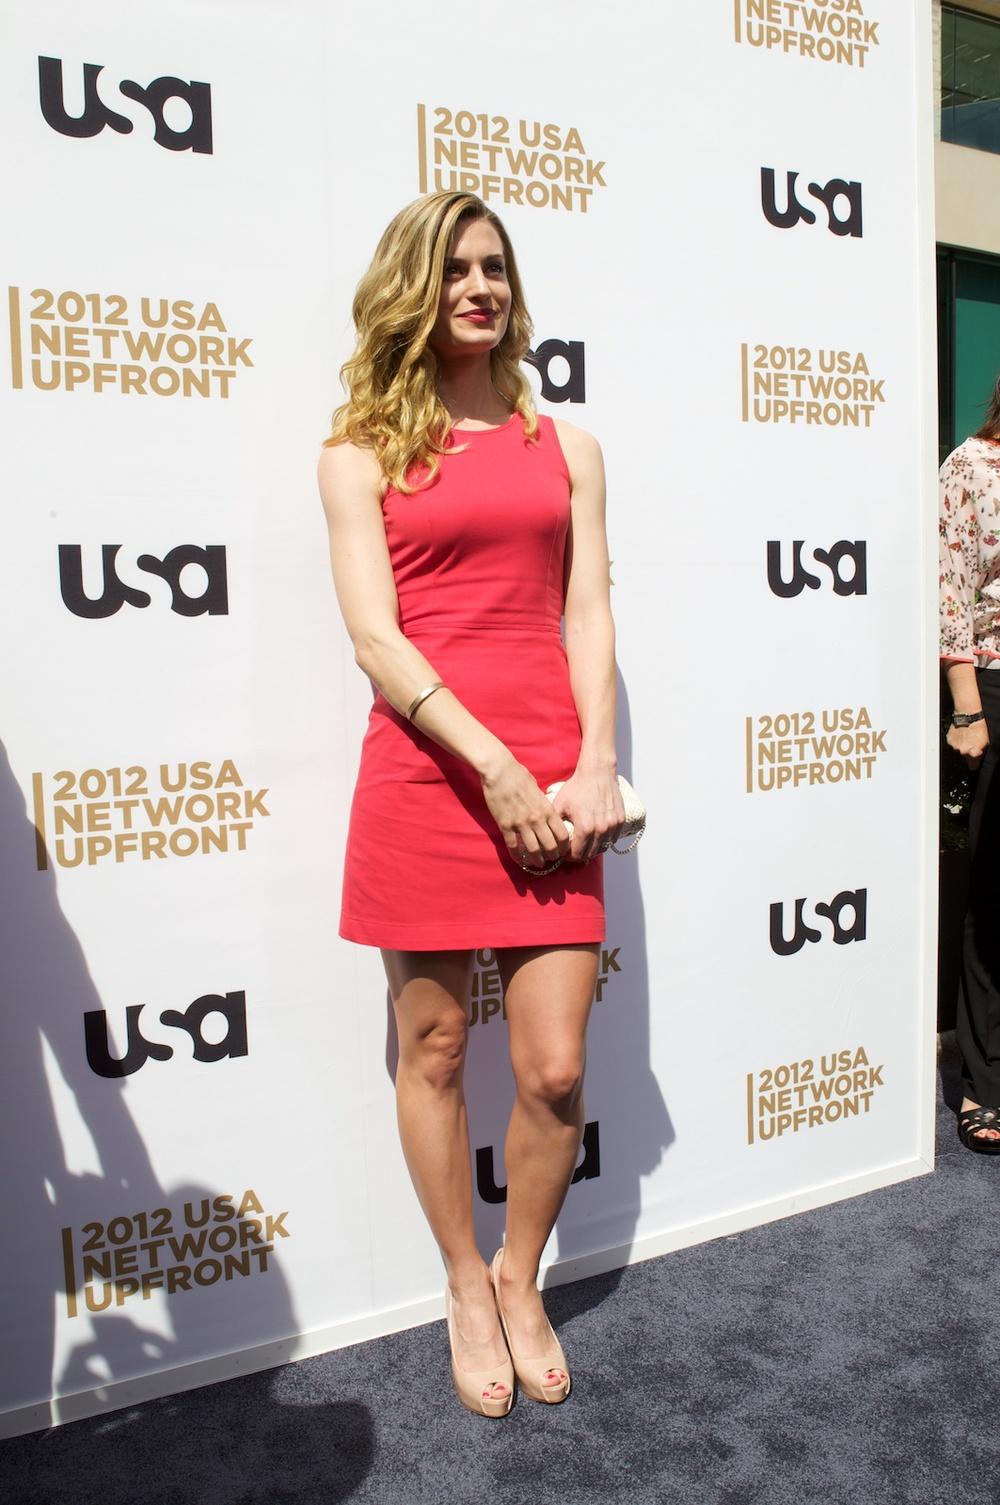 USA Red Carpet Upfront 2012  079.jpg